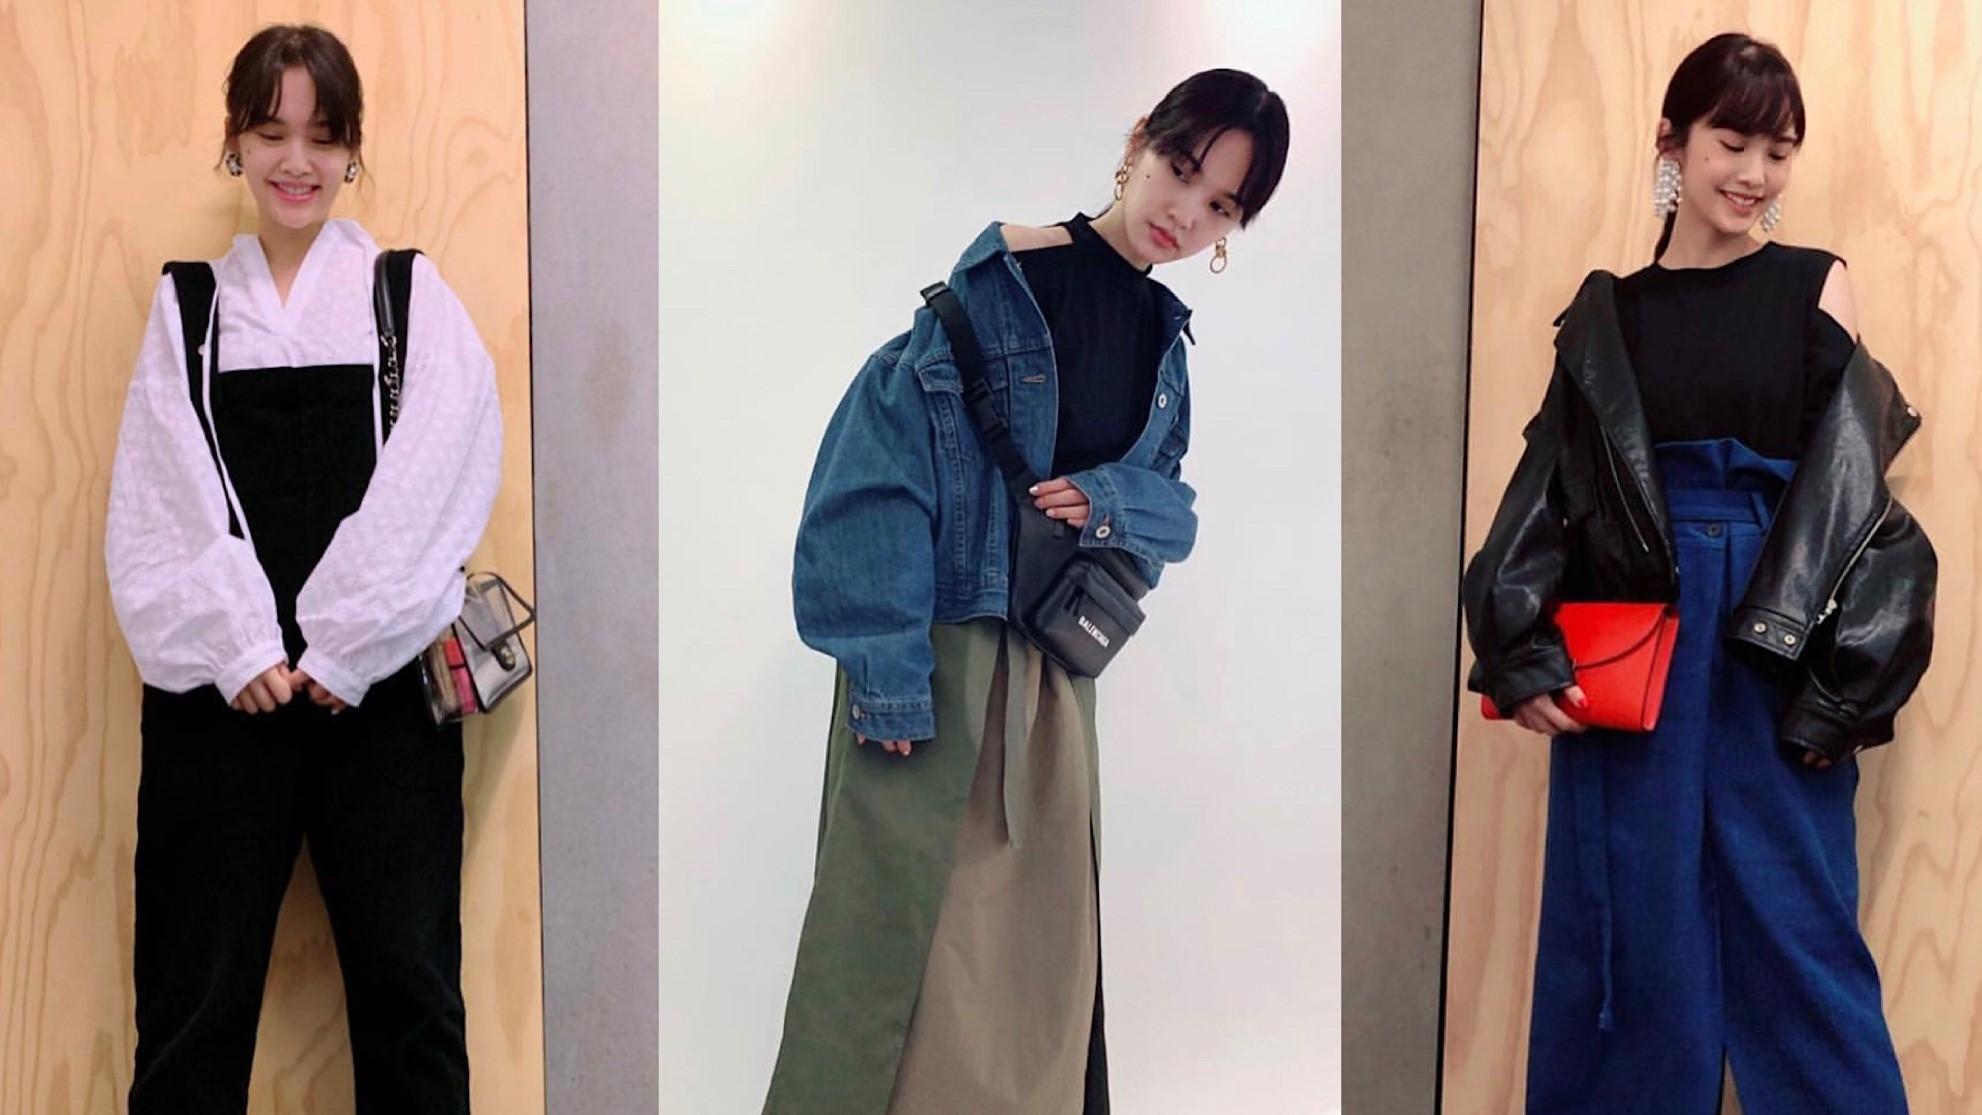 這樣才叫潮流懂穿!偷窺楊丞琳的私服衣櫃、學學時尚特色穿搭術!